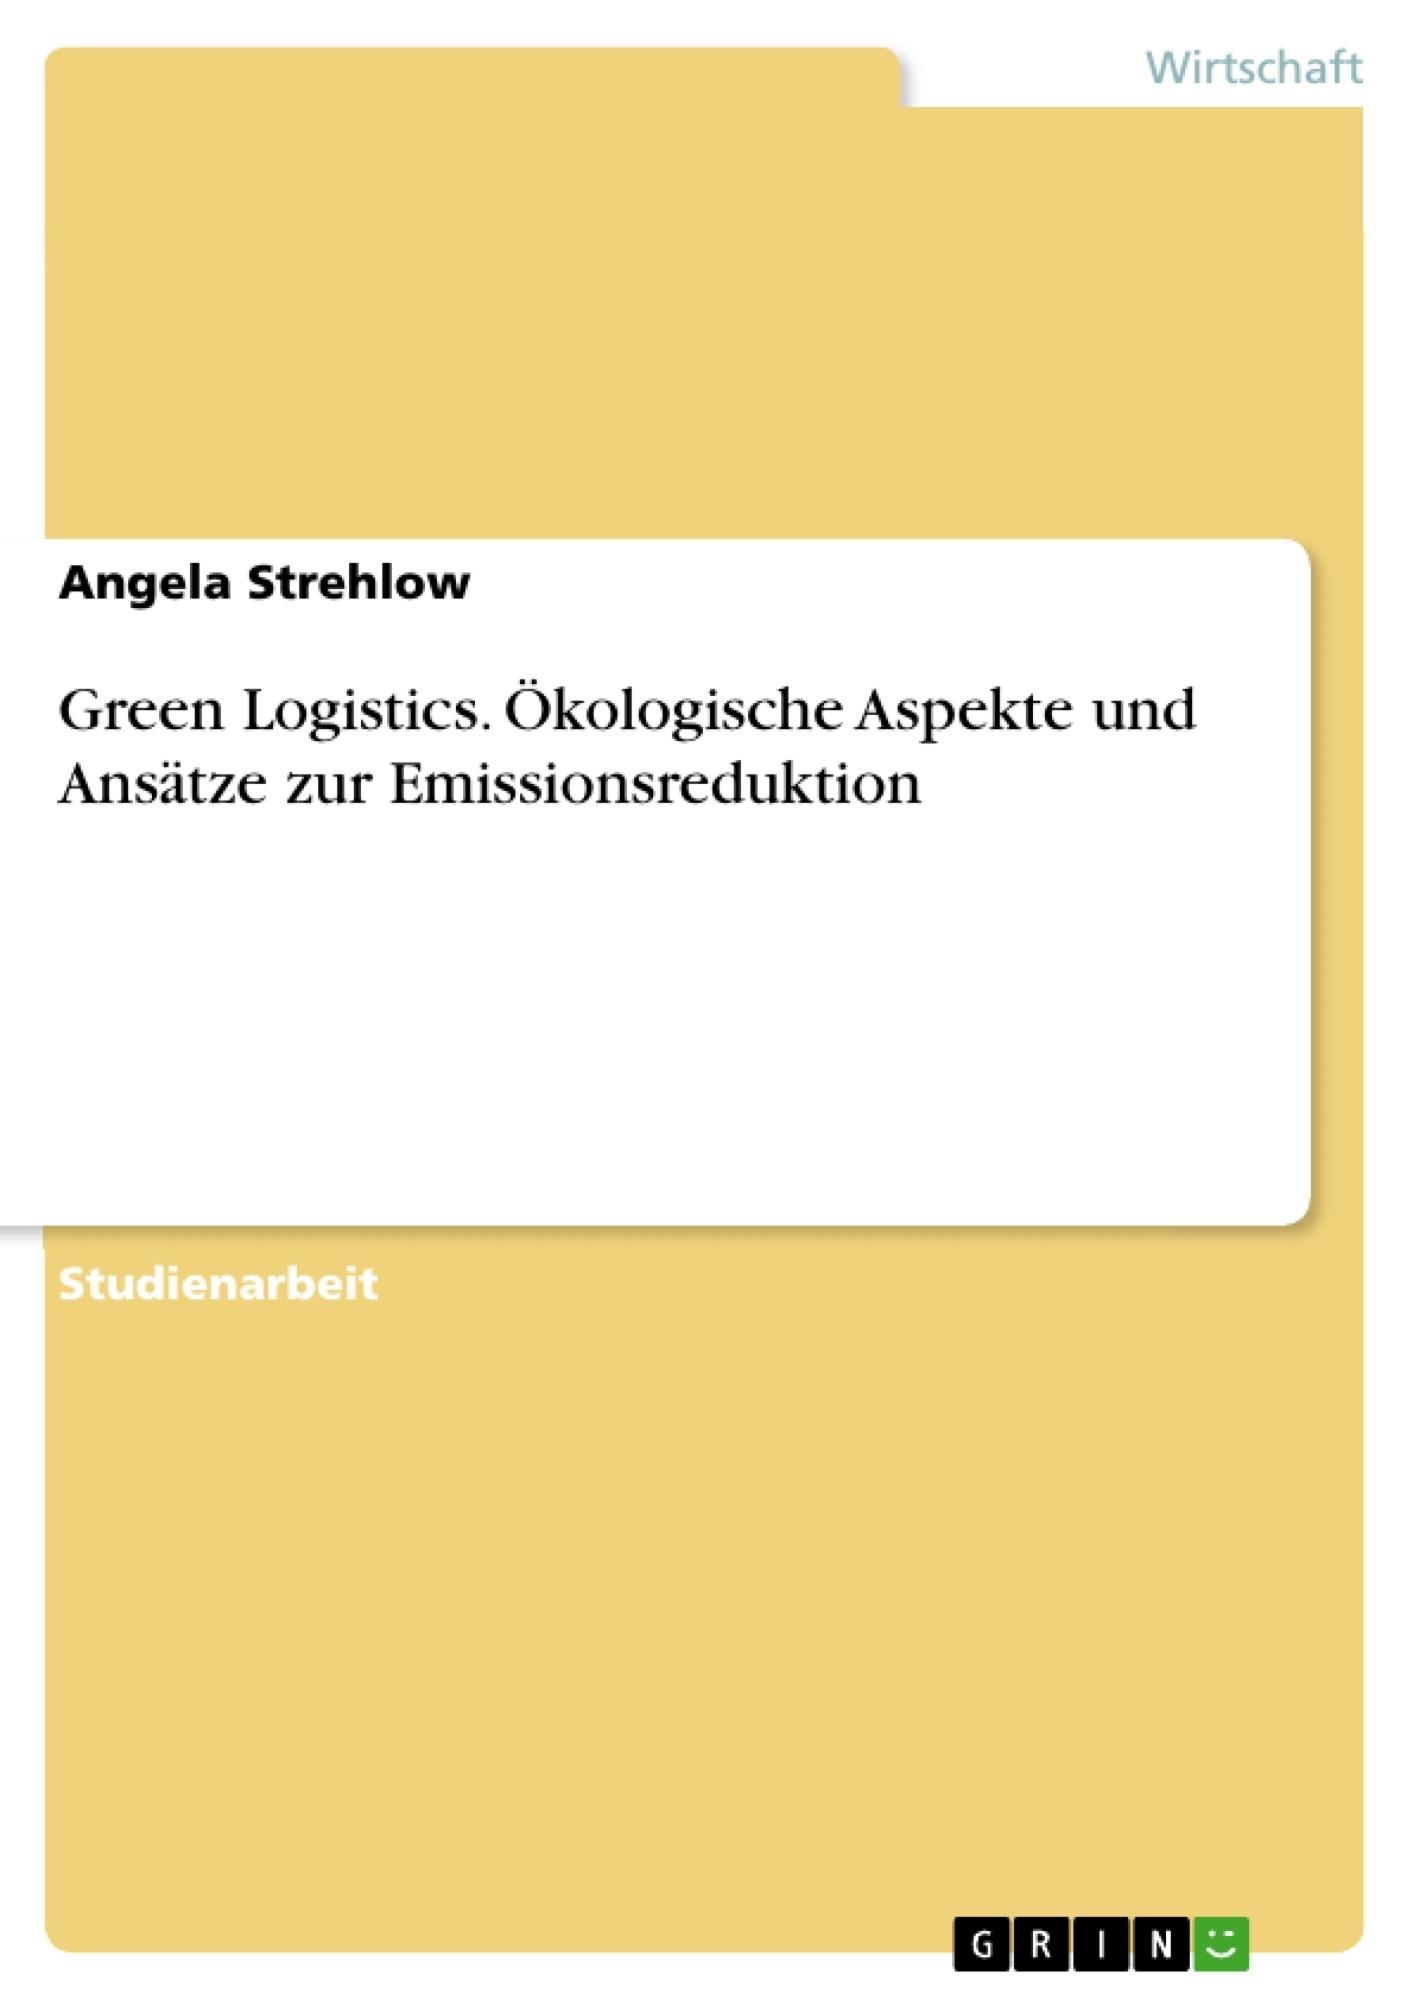 Titel: Green Logistics. Ökologische Aspekte und Ansätze zur Emissionsreduktion